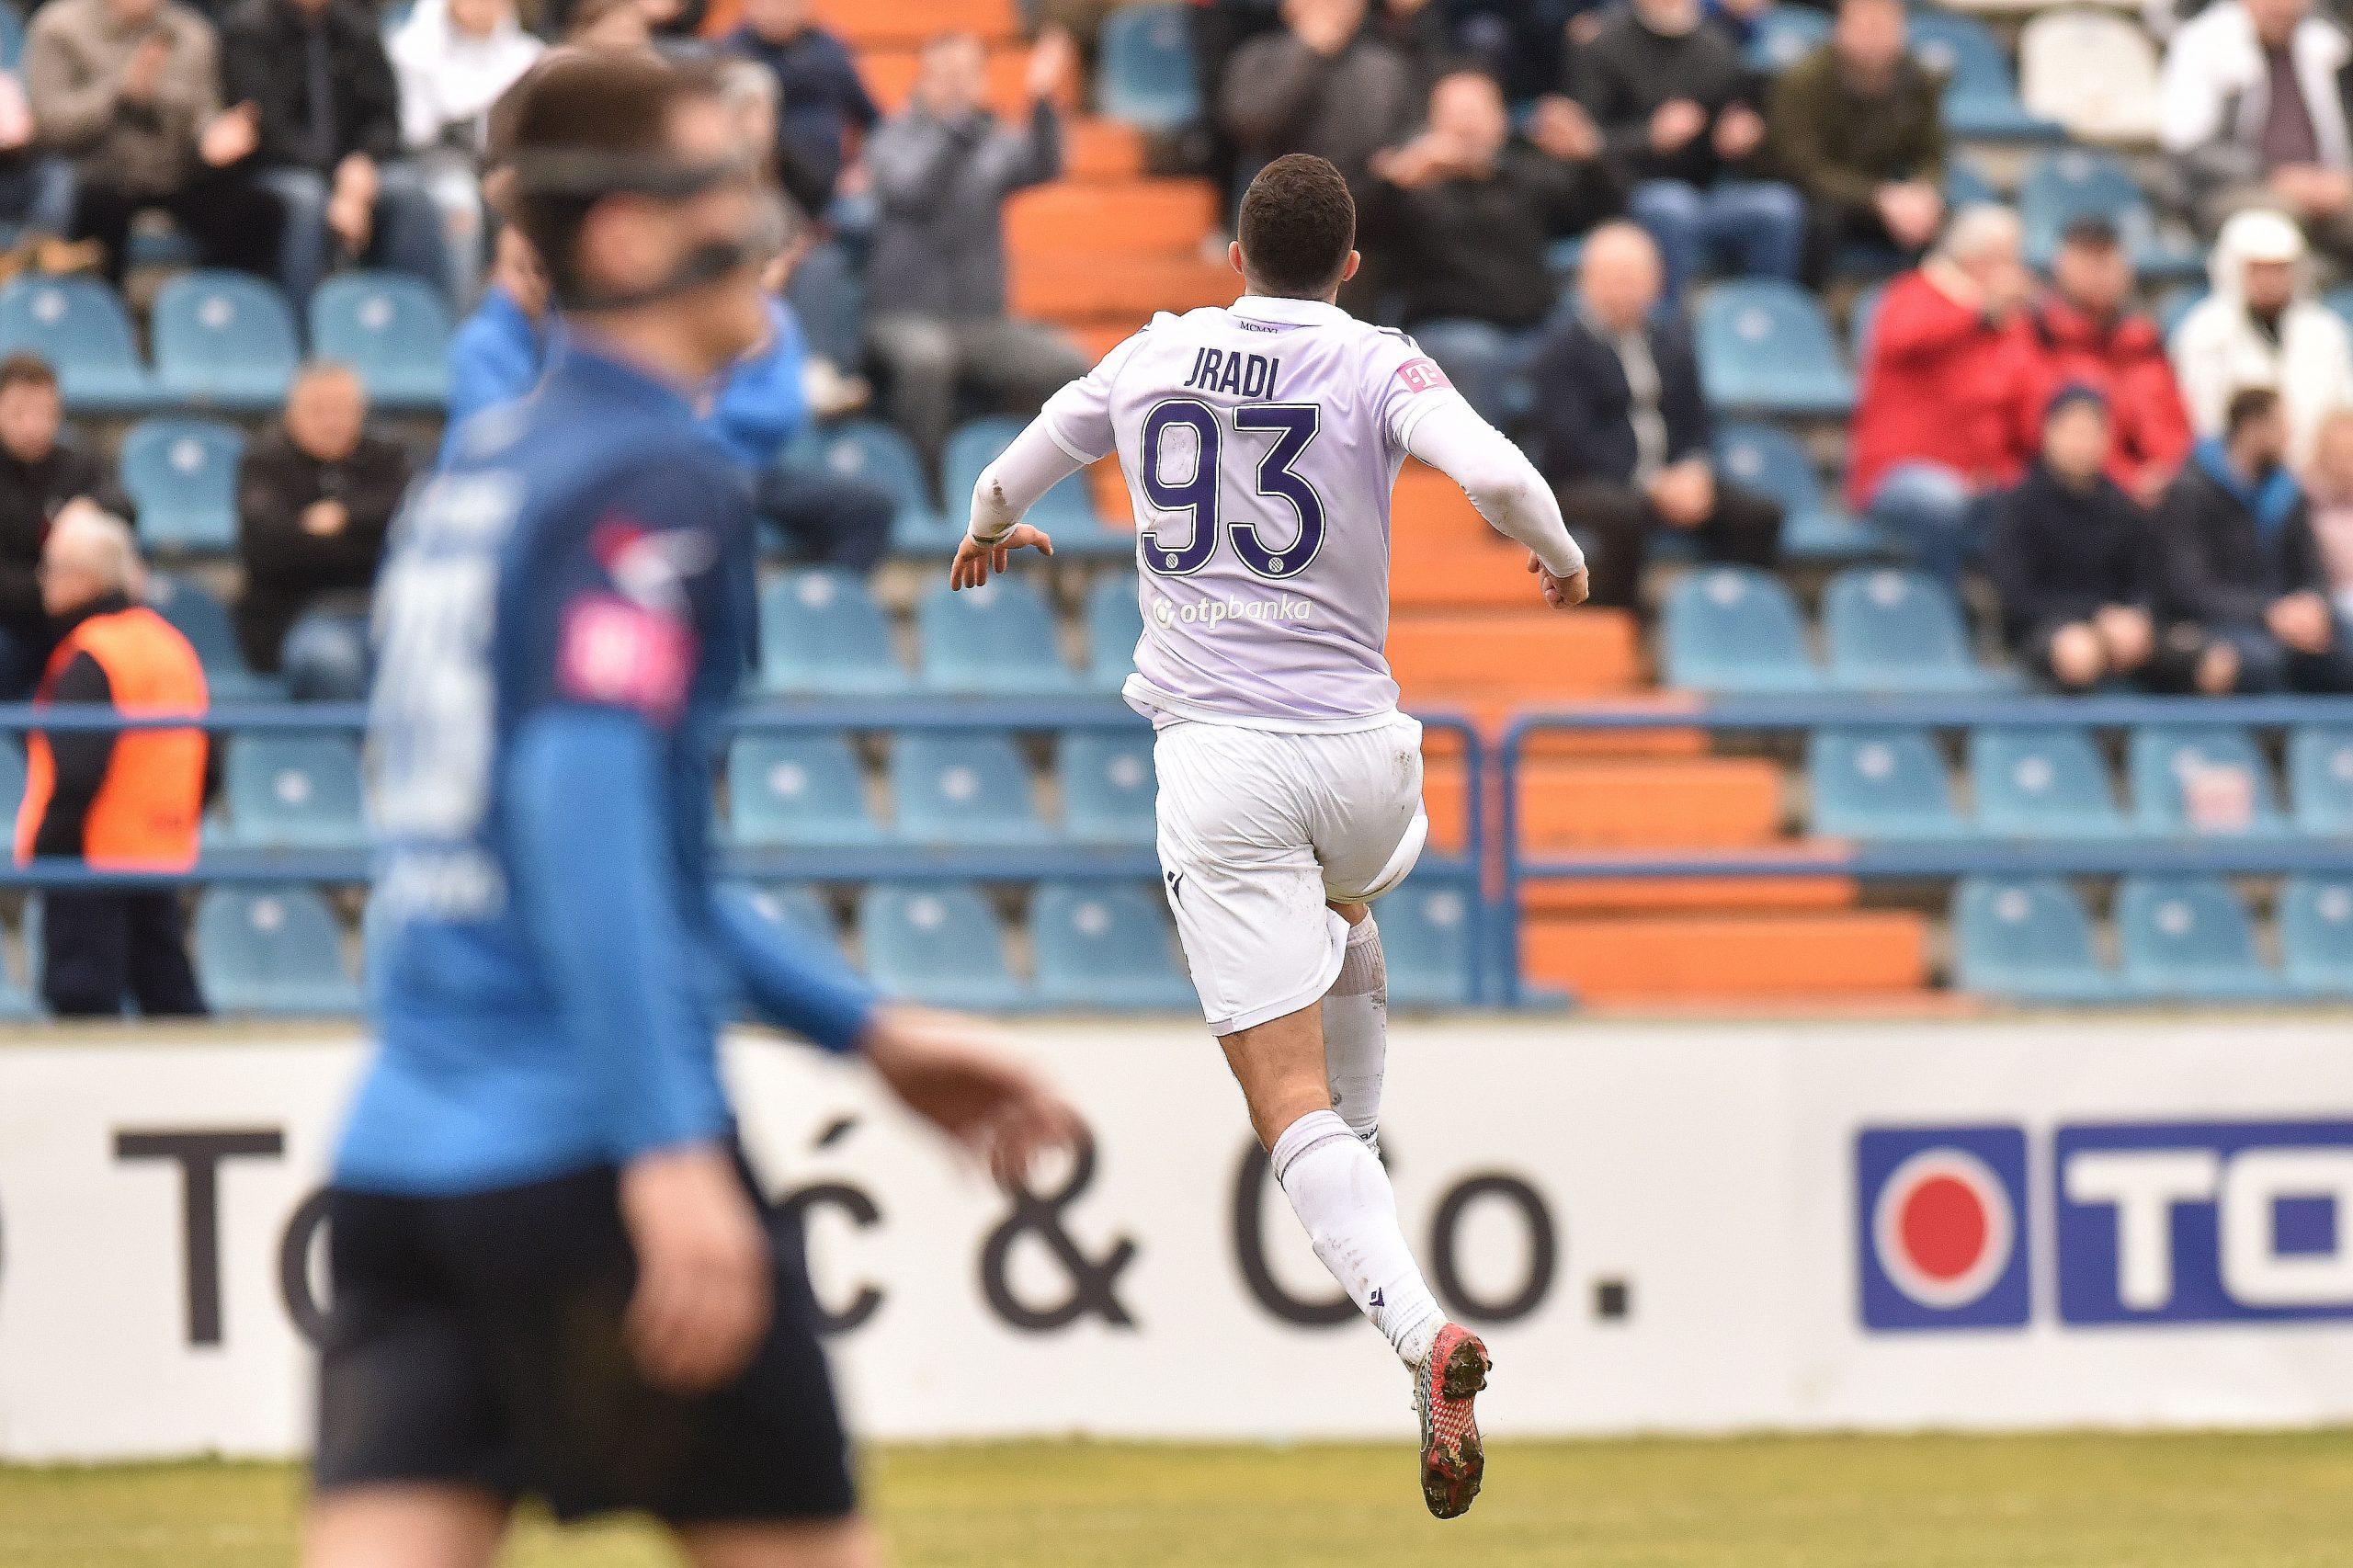 Nikola Katić nameće se kao najlogičnije rješenje za utakmicu sa.